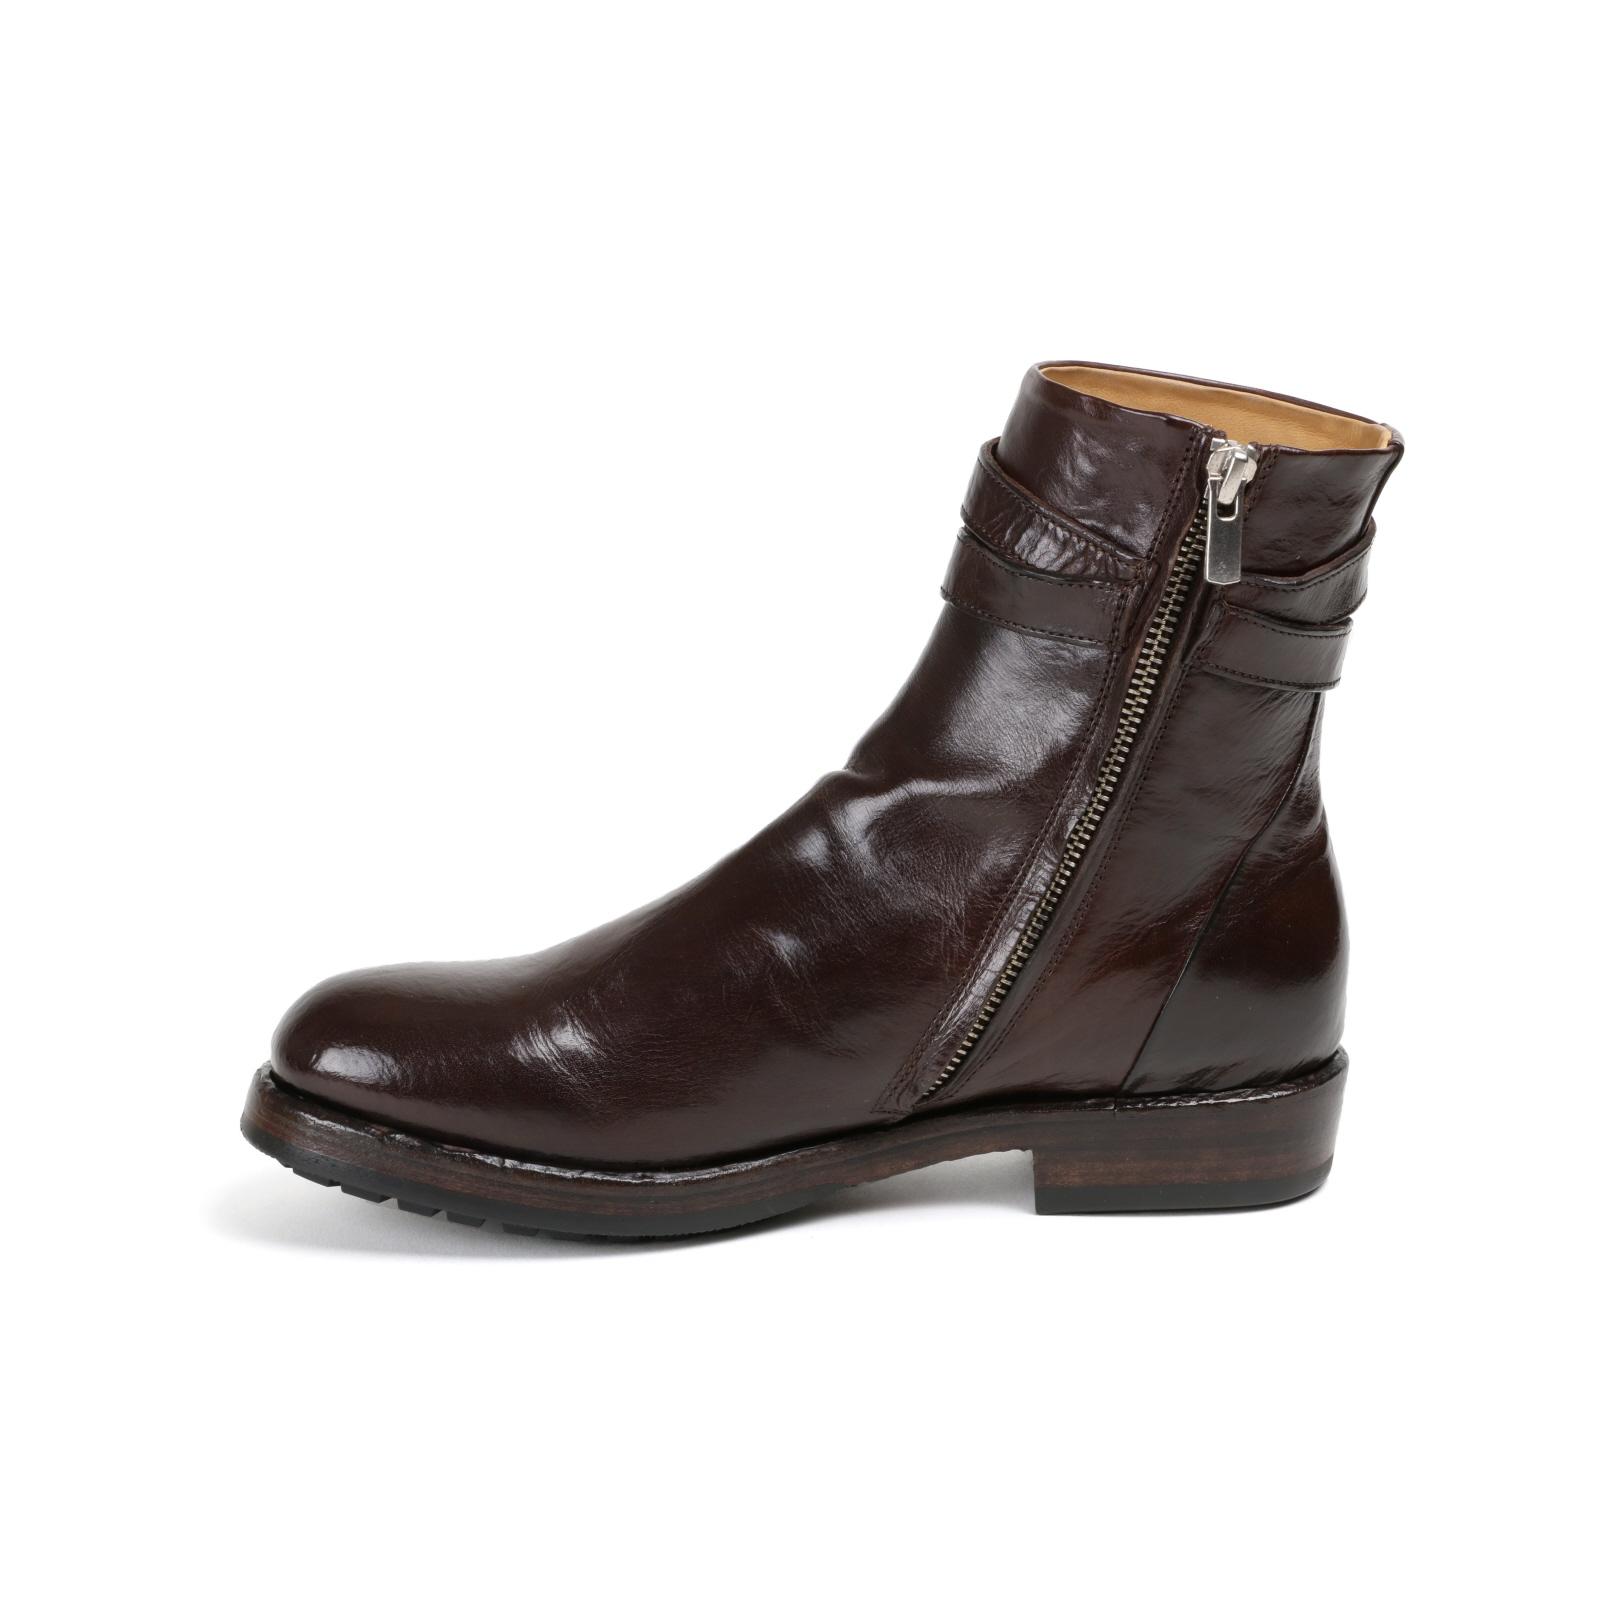 Smooth 5 Officine Brown 38 da donna Gr Creative New Stivaletto Leather XRq16Twpnx